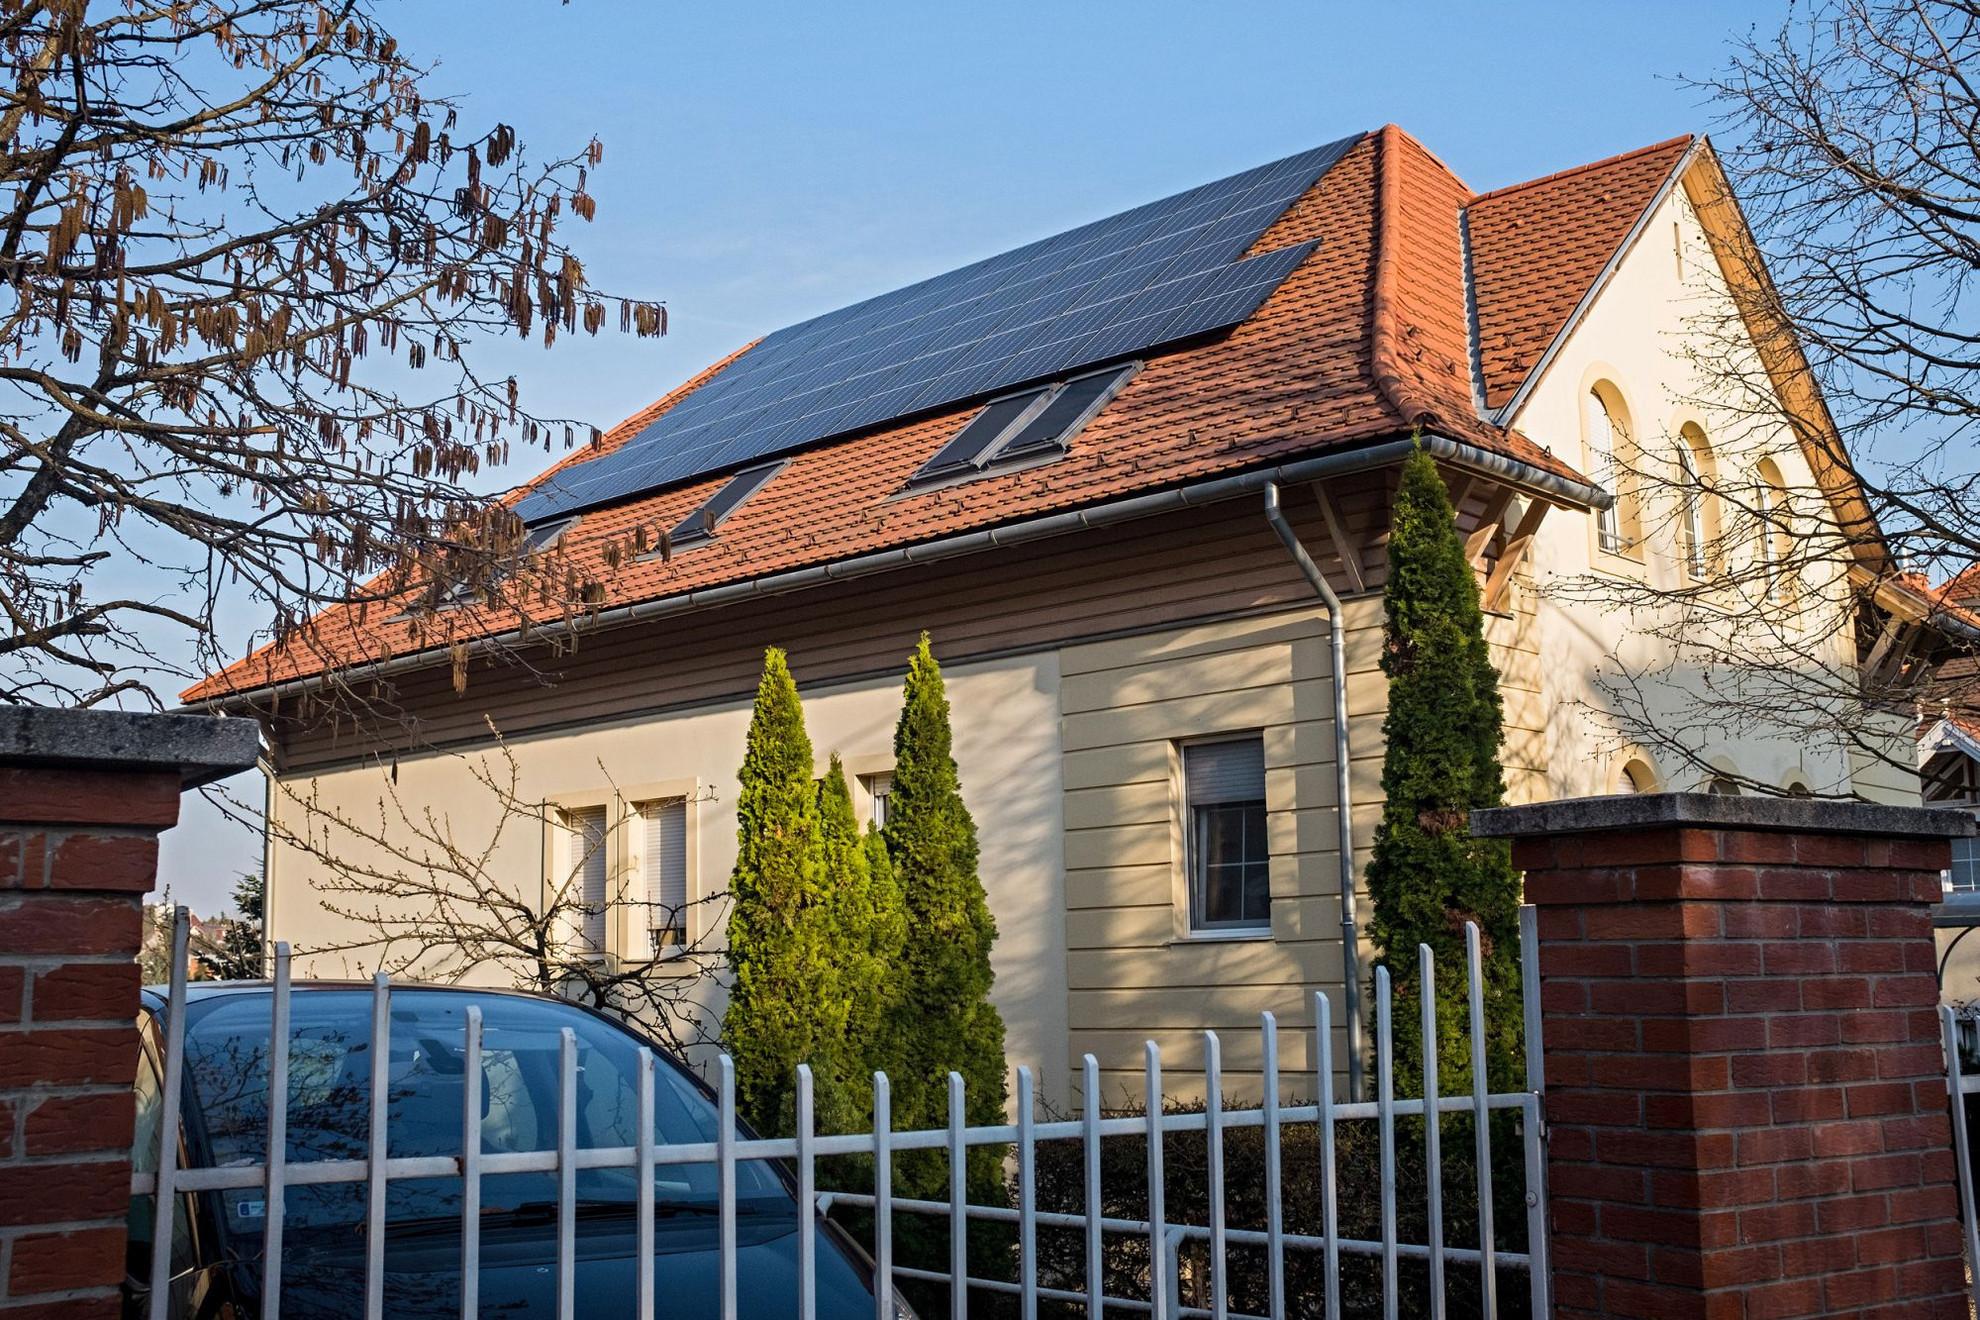 A Nemzeti Energiastratégia egyik kiemelt célja, hogy 2030-ra legalább kétszázezer háztartás rendelkezzen napelemmel